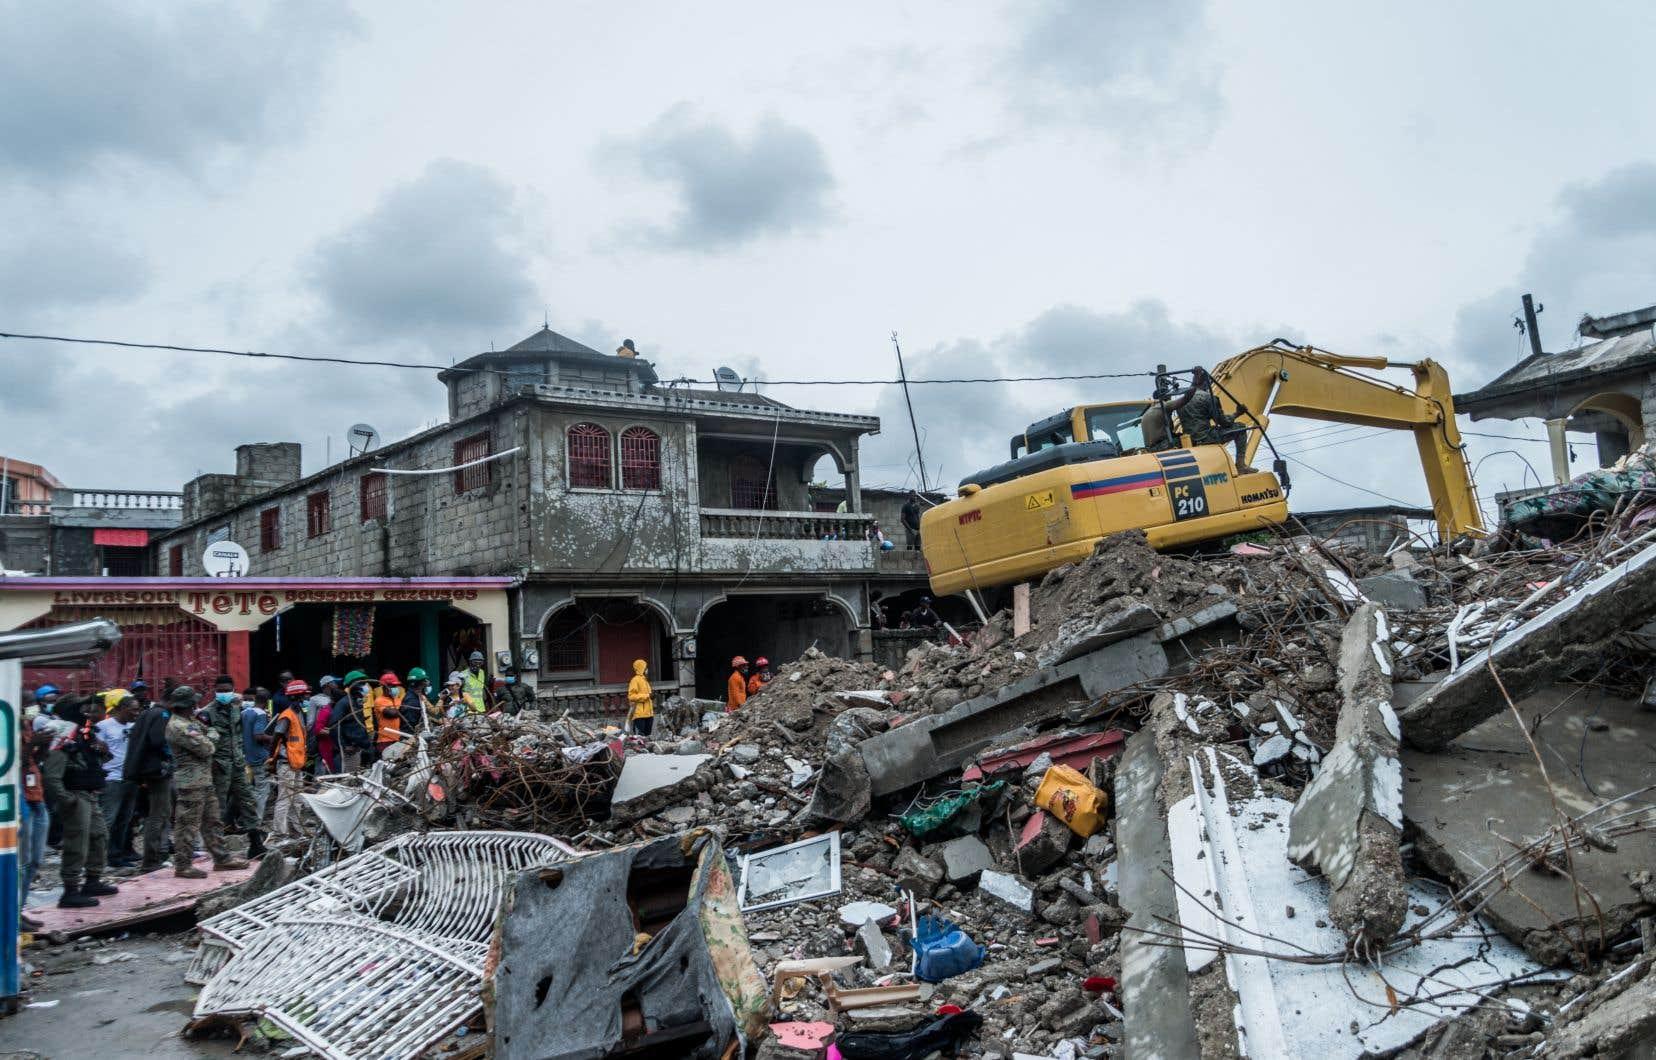 En août dernier, l'AUF s'est appuyée sur ses réseaux pour son «plan d'action solidarité-Haïti» monté en urgence après le tremblement de terre qui a tué près de 3000 personnes.